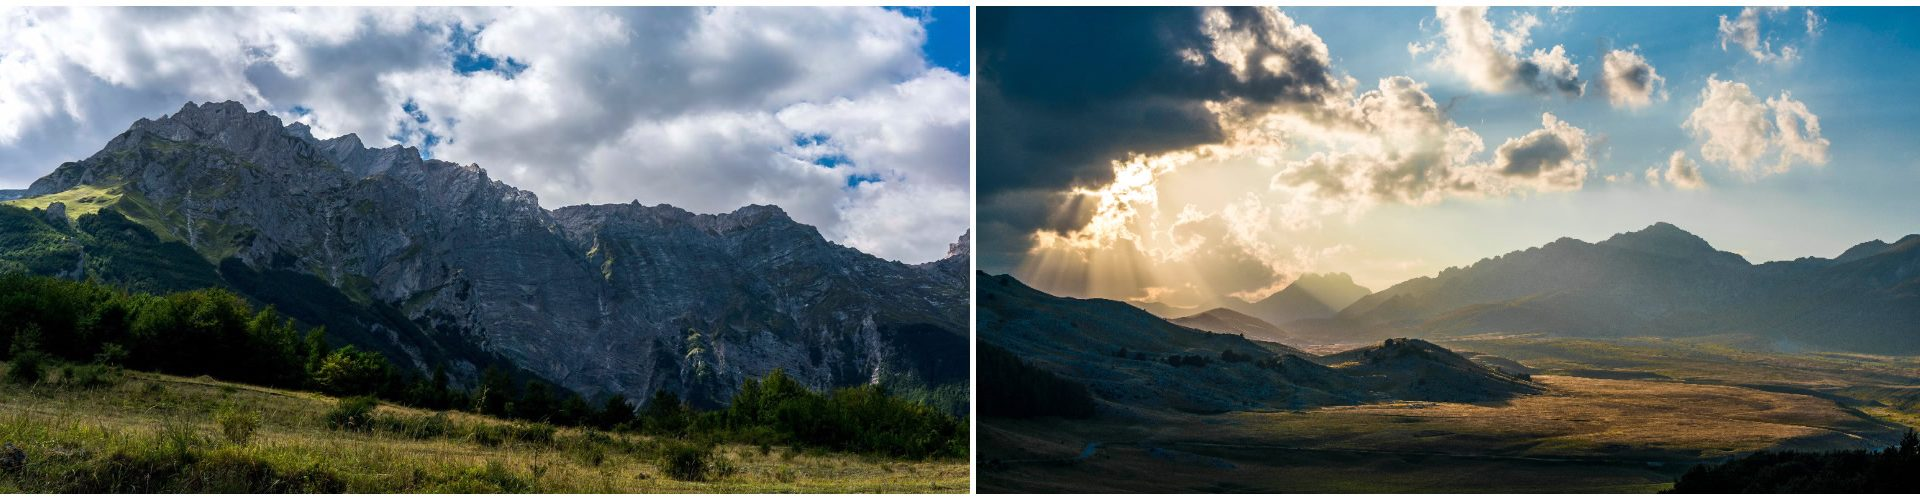 Gran Sasso d'Italia, Monte Camicia, parete Nord. Gran Sasso d'Italia, Monte Camicia dalla piana di Campo Imperatore.